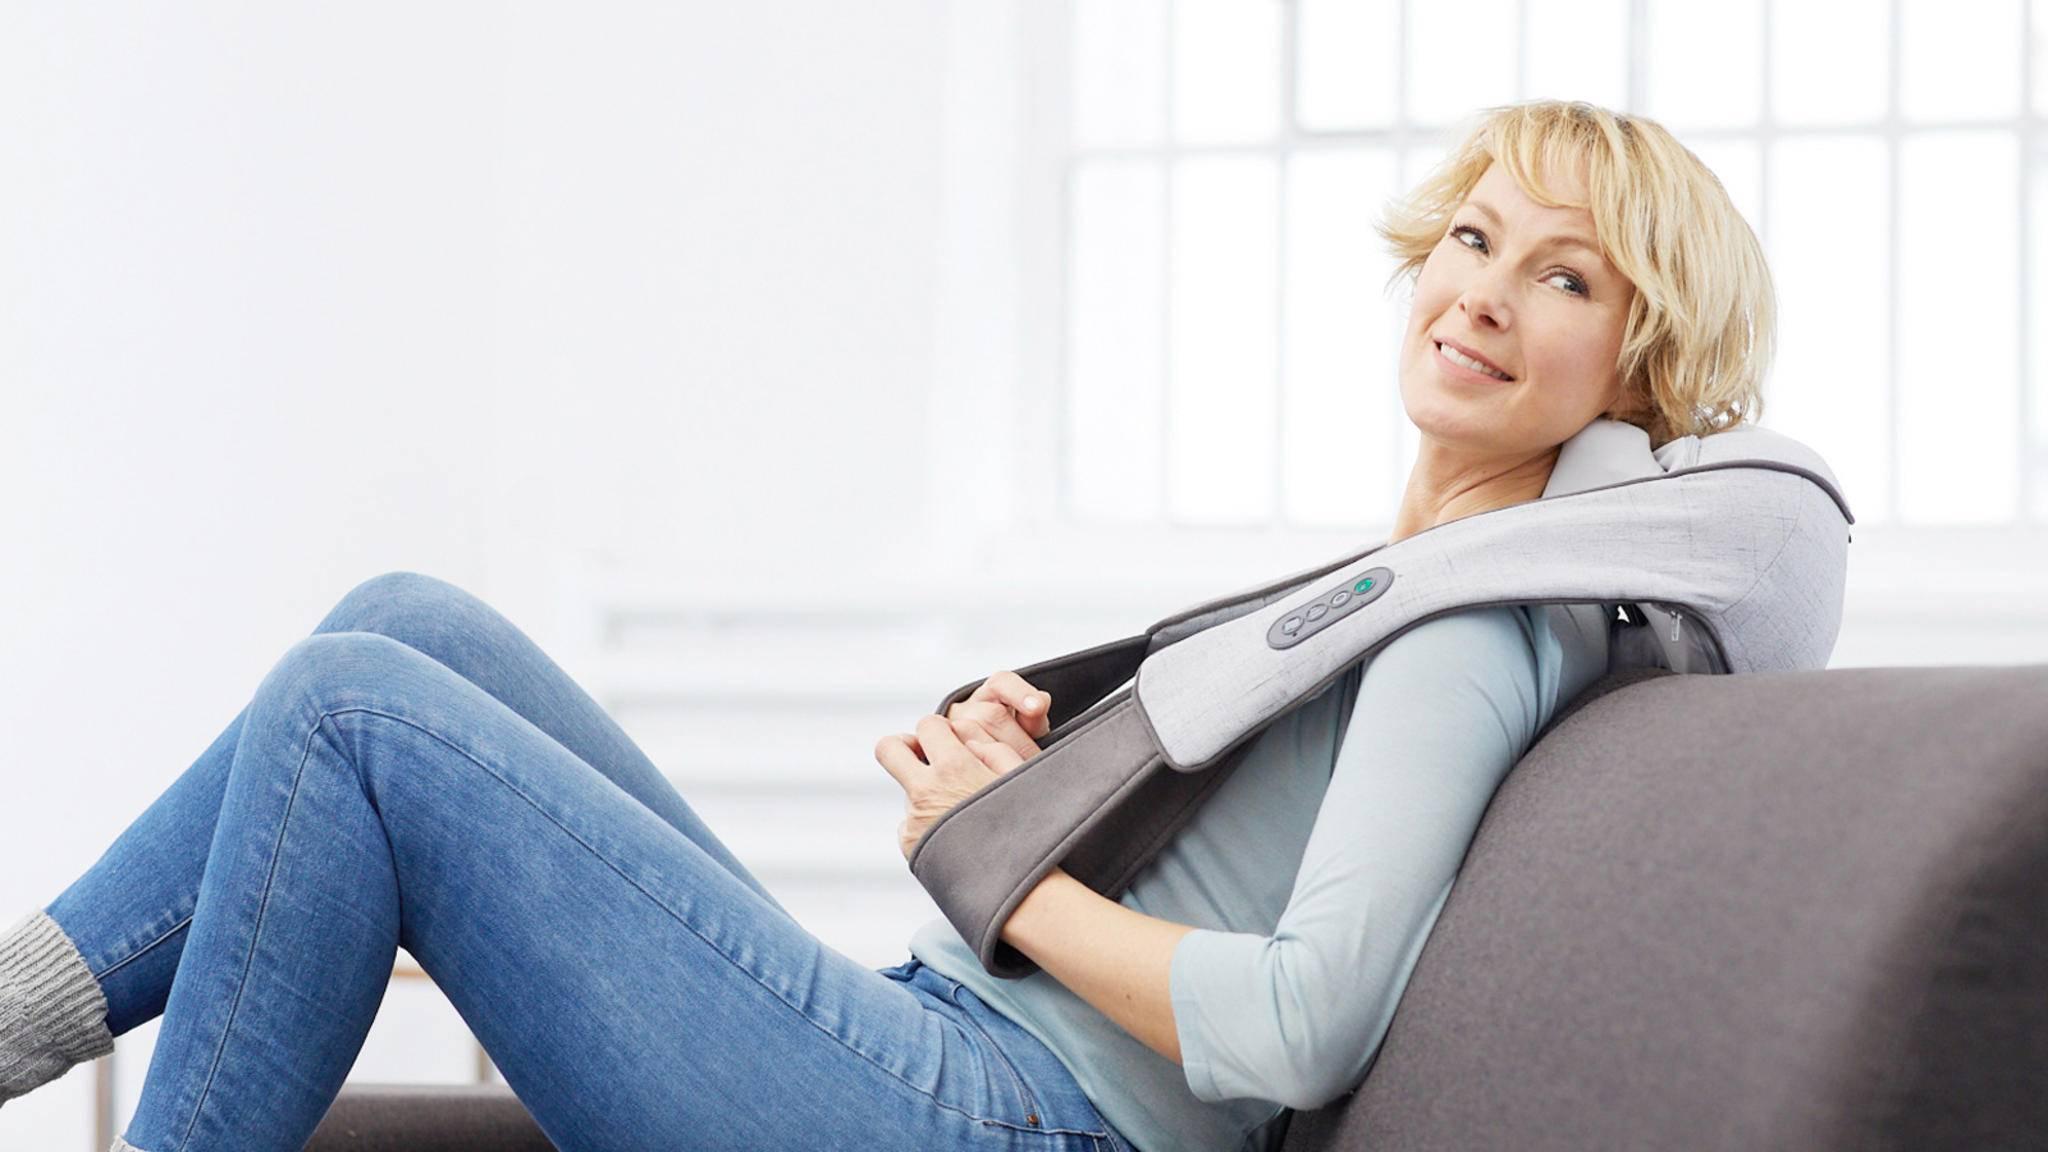 Ein gutes Nackenmassagegerät beschert Dir eine kräftige Knetmassage in den eigenen vier Wänden.